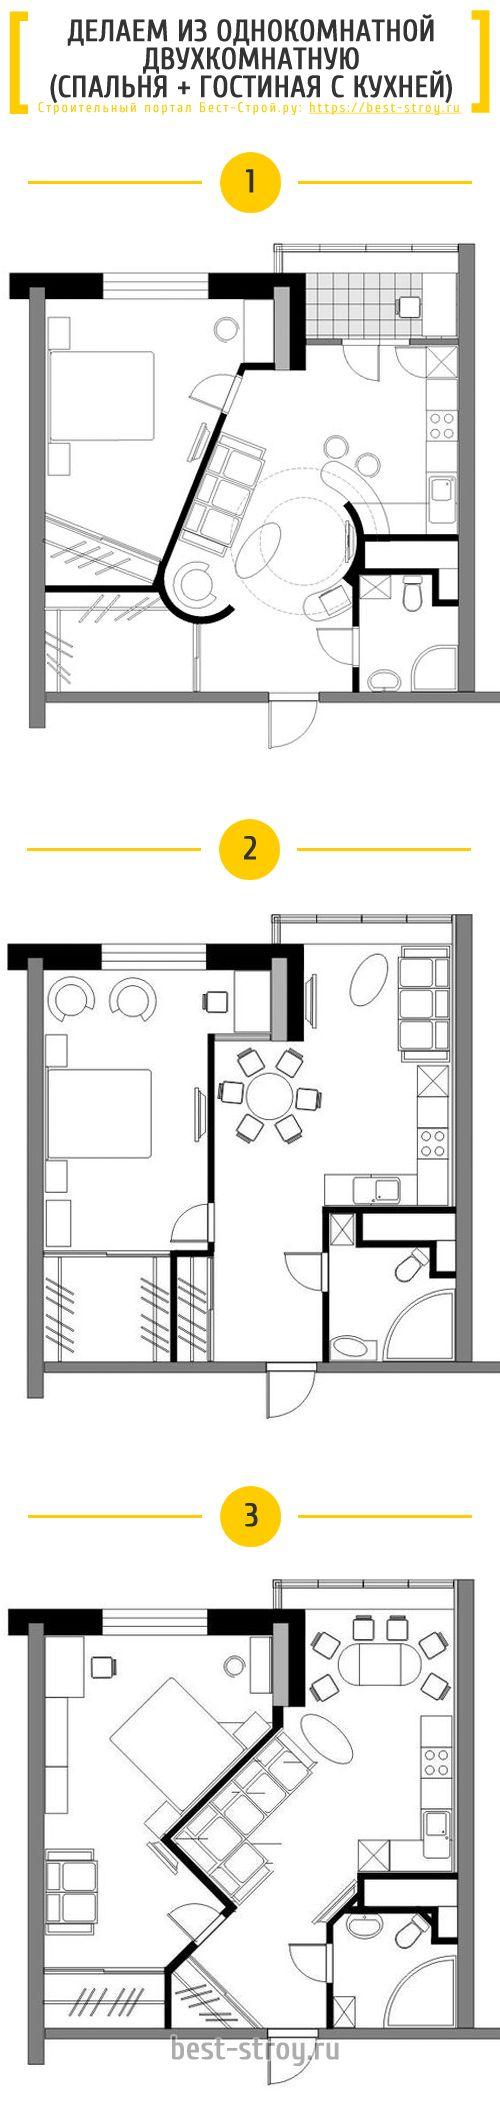 Обмен трехкомнатной квартиры на 46